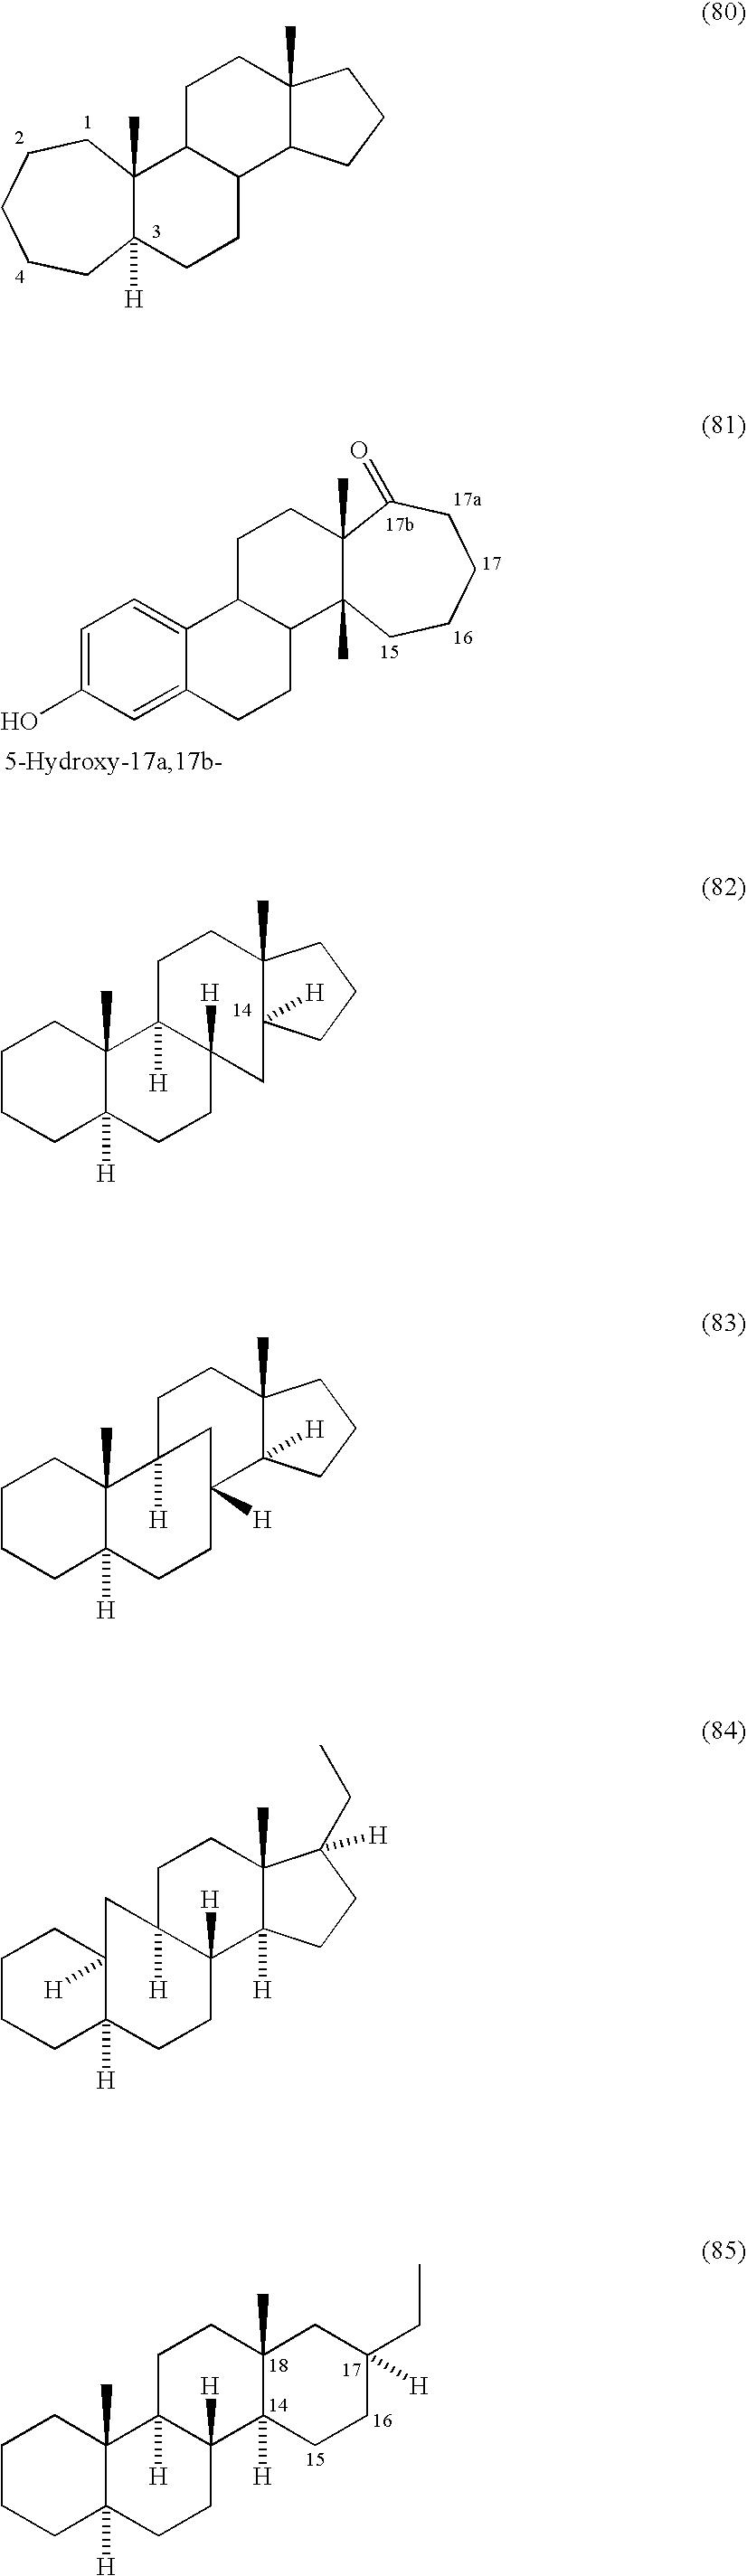 Figure US20080299220A1-20081204-C00028